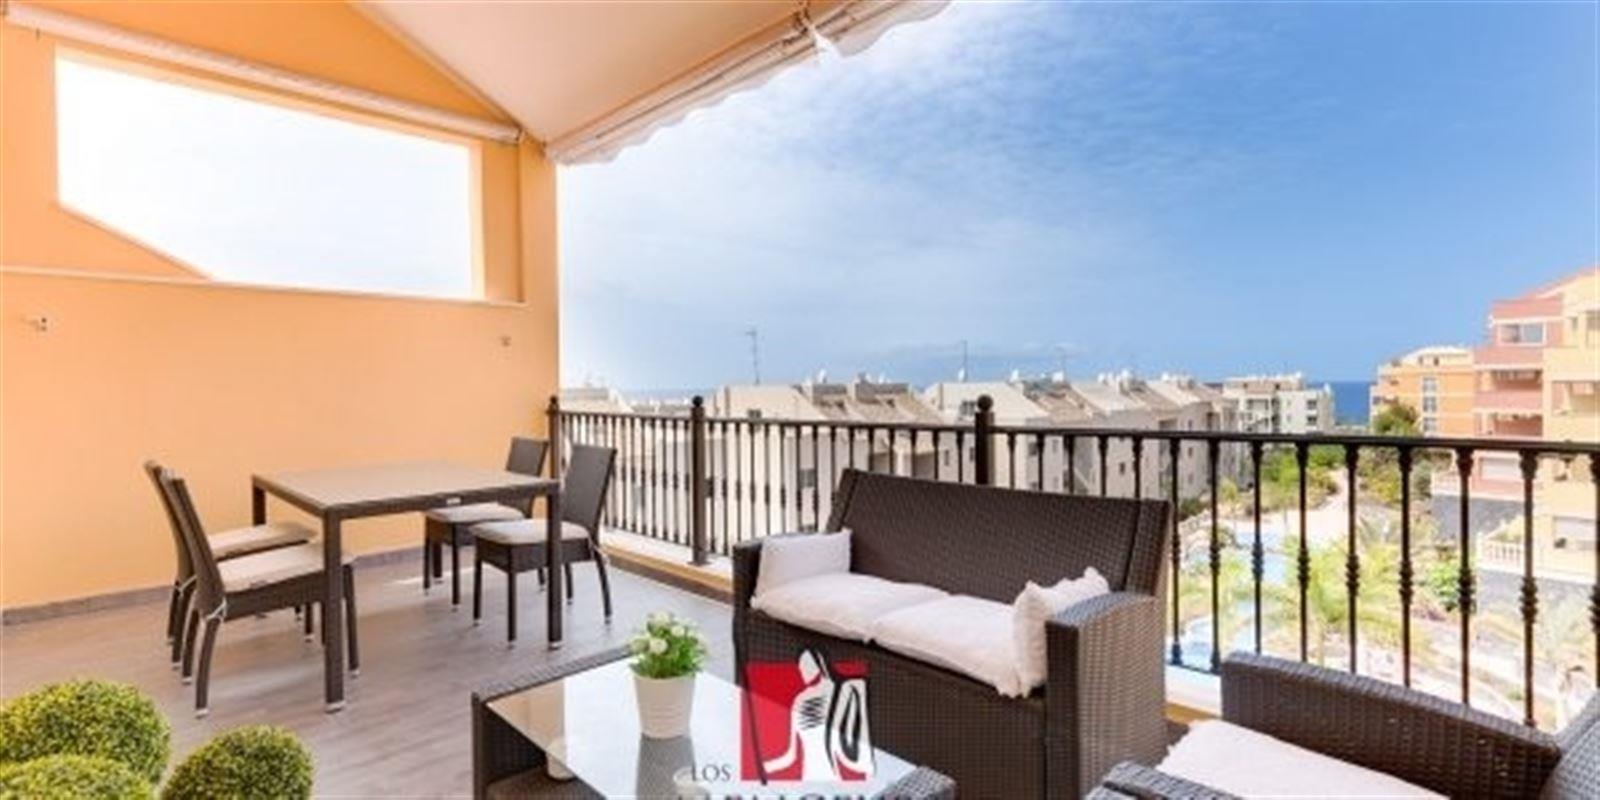 Foto 9 : Appartement te 3680 MAASEIK (België) - Prijs € 315.000